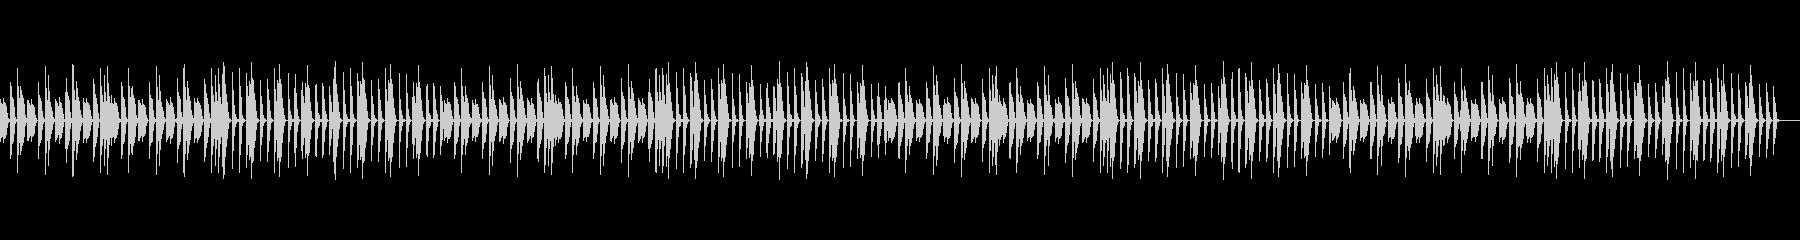 【ナレーション向け】シンプルなピアノ曲の未再生の波形